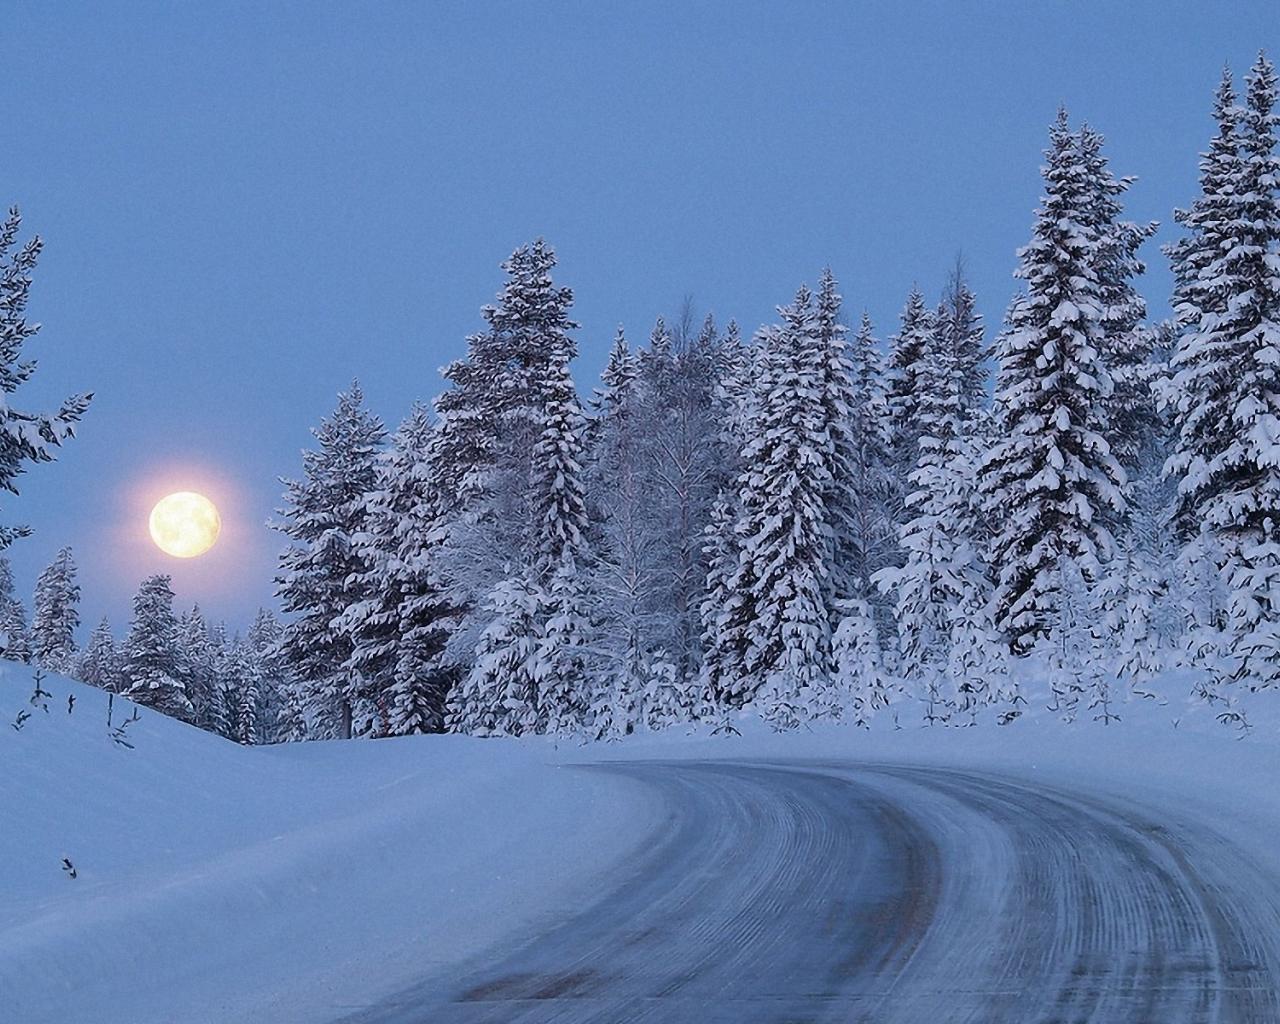 обои зима для рабочего стола скачать бесплатно без регистрации